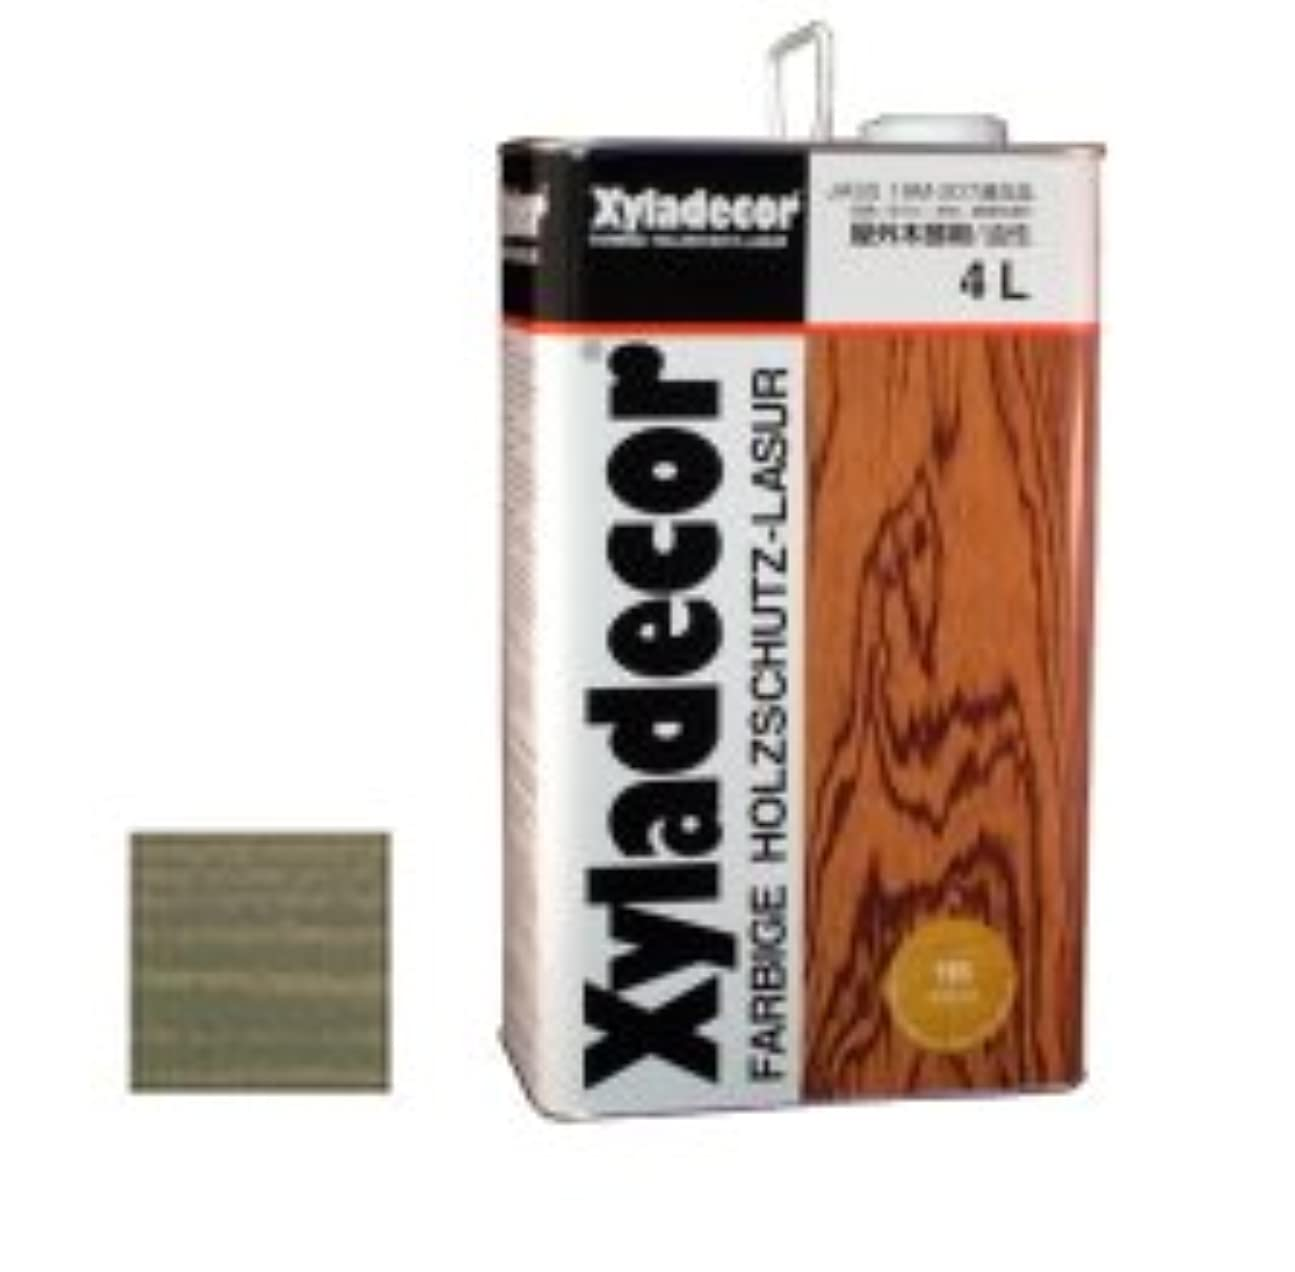 窓を洗う戦う野なキシラデコール 木部保護塗料 #116 ブルーグレイ 4L